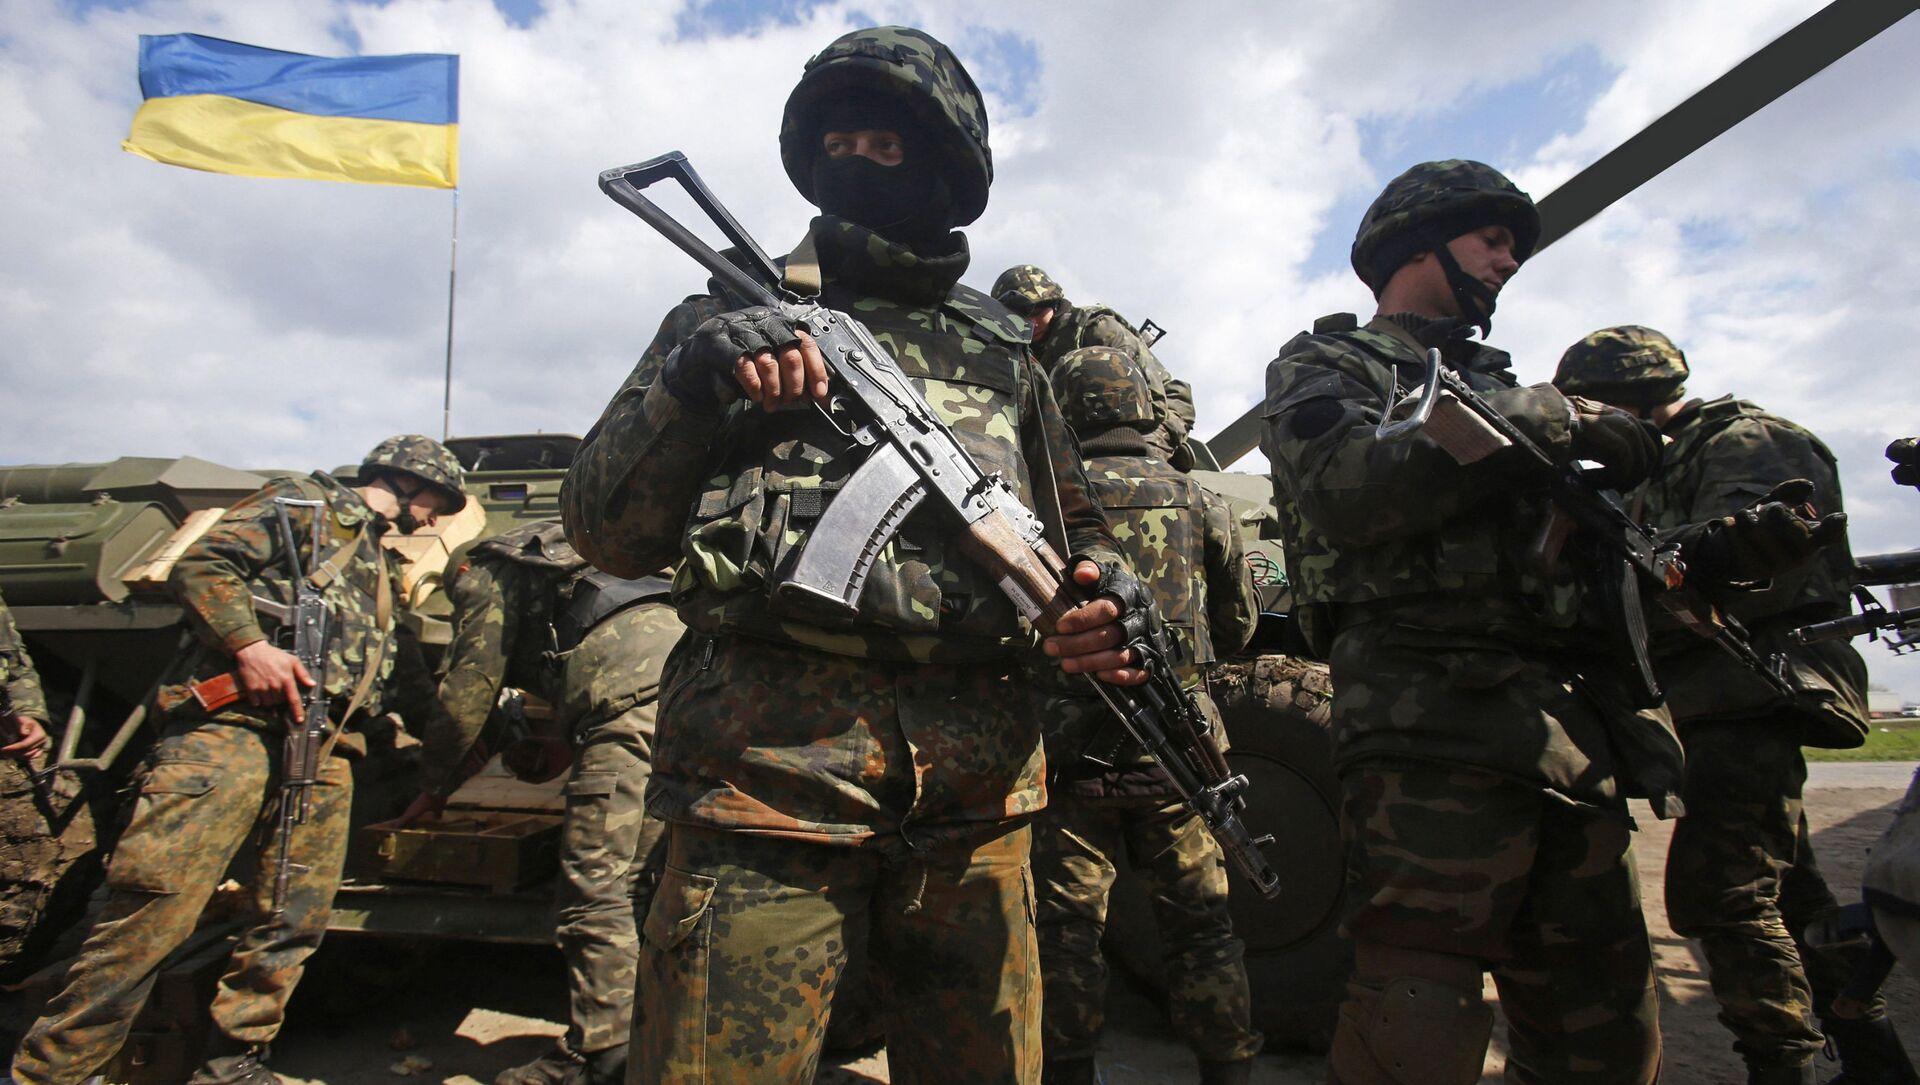 Militari ucraini nei pressi della linea di demarcazione in Donbass - Sputnik Italia, 1920, 10.04.2021